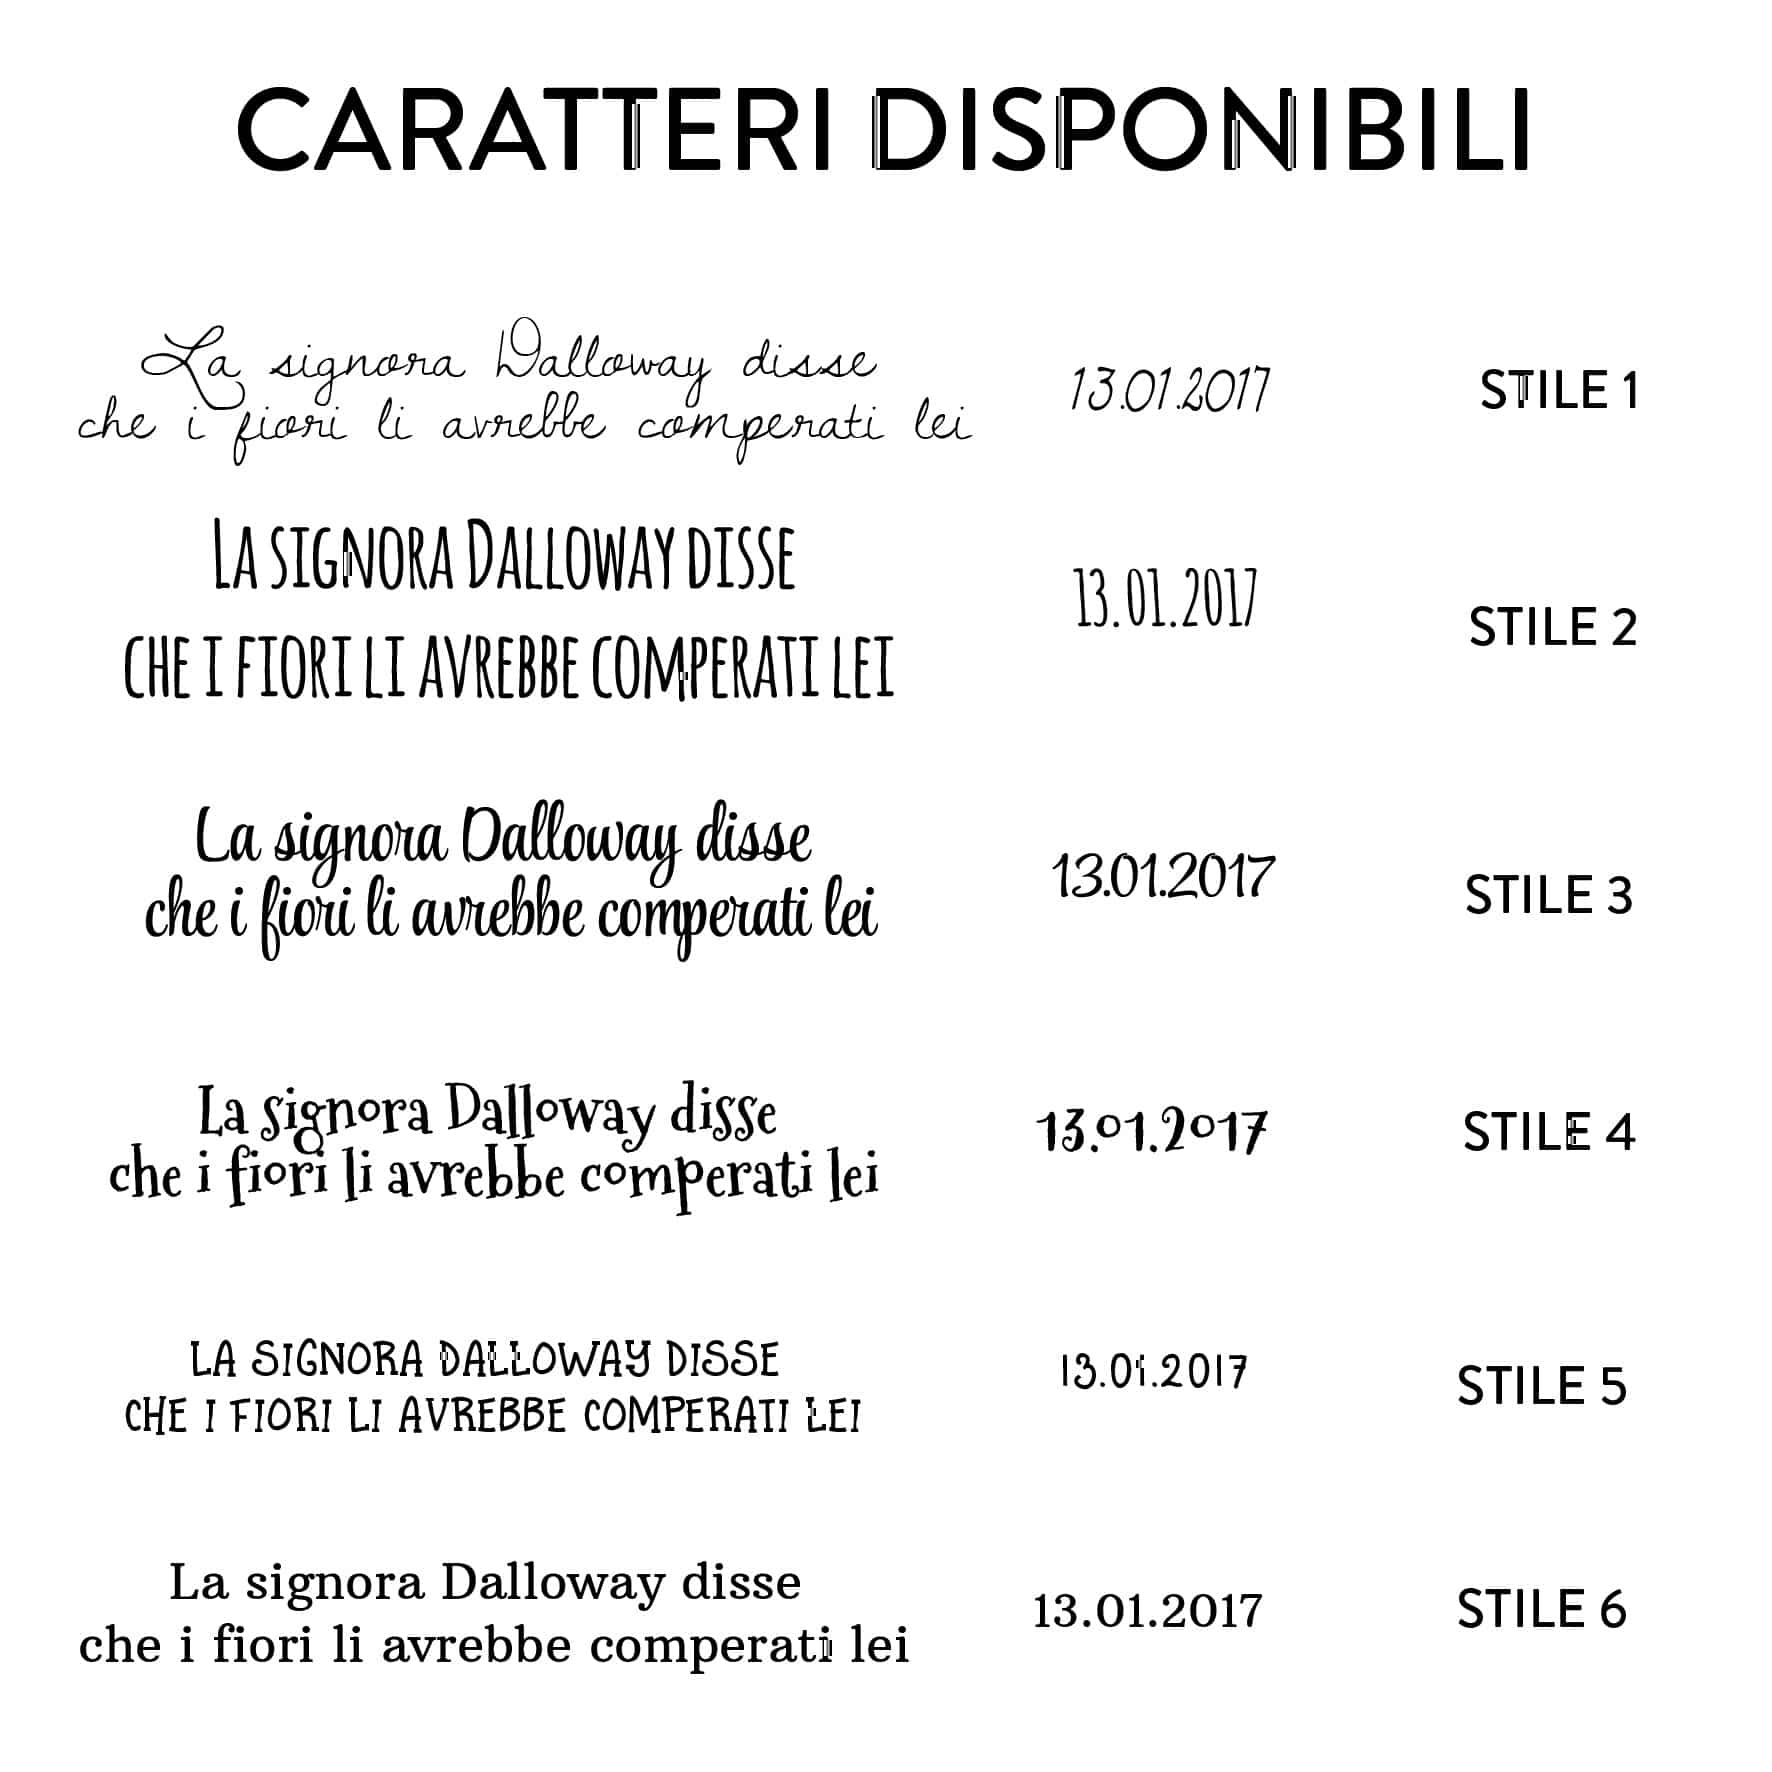 CARATTERI-DISPONIBILI LANTERNE-01